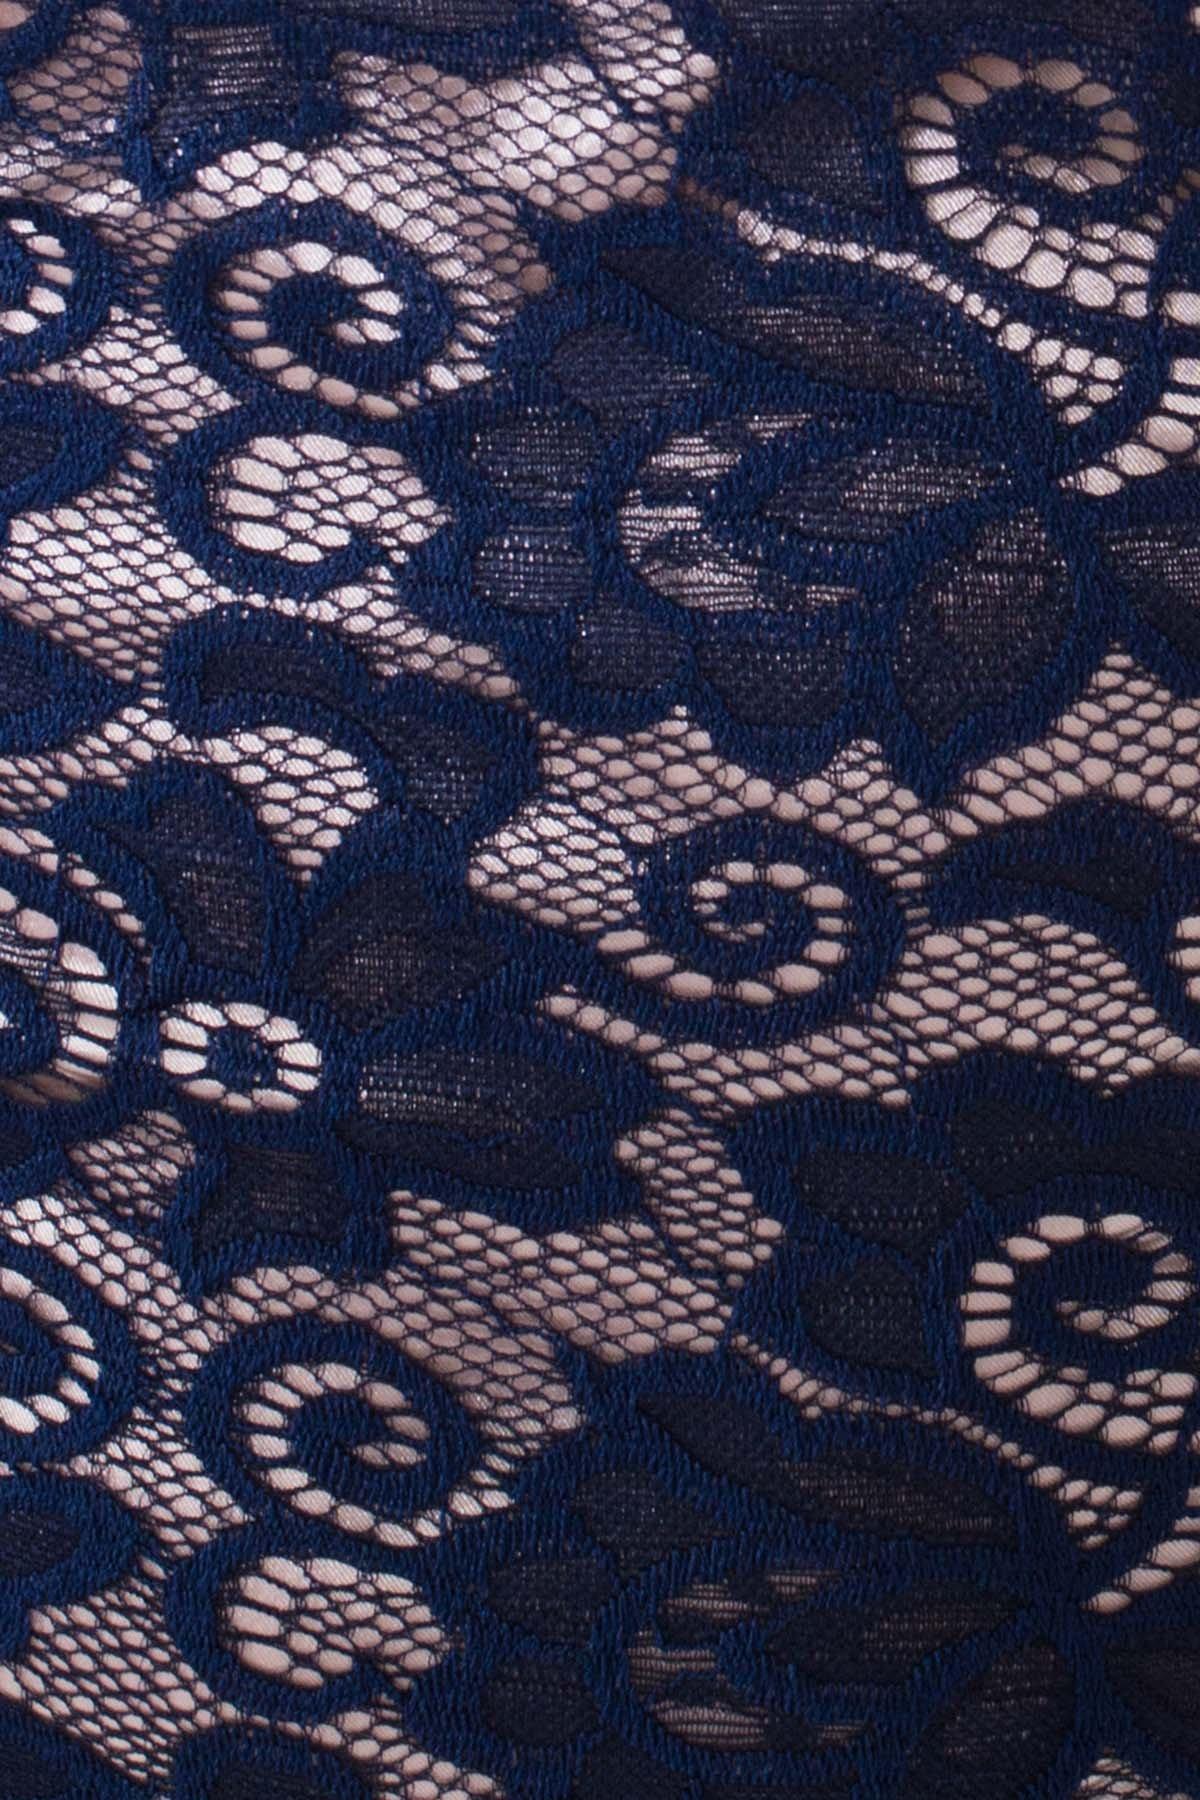 Платье Лук 4105 АРТ. 20778 Цвет: Темно-синий/бежевый - фото 4, интернет магазин tm-modus.ru